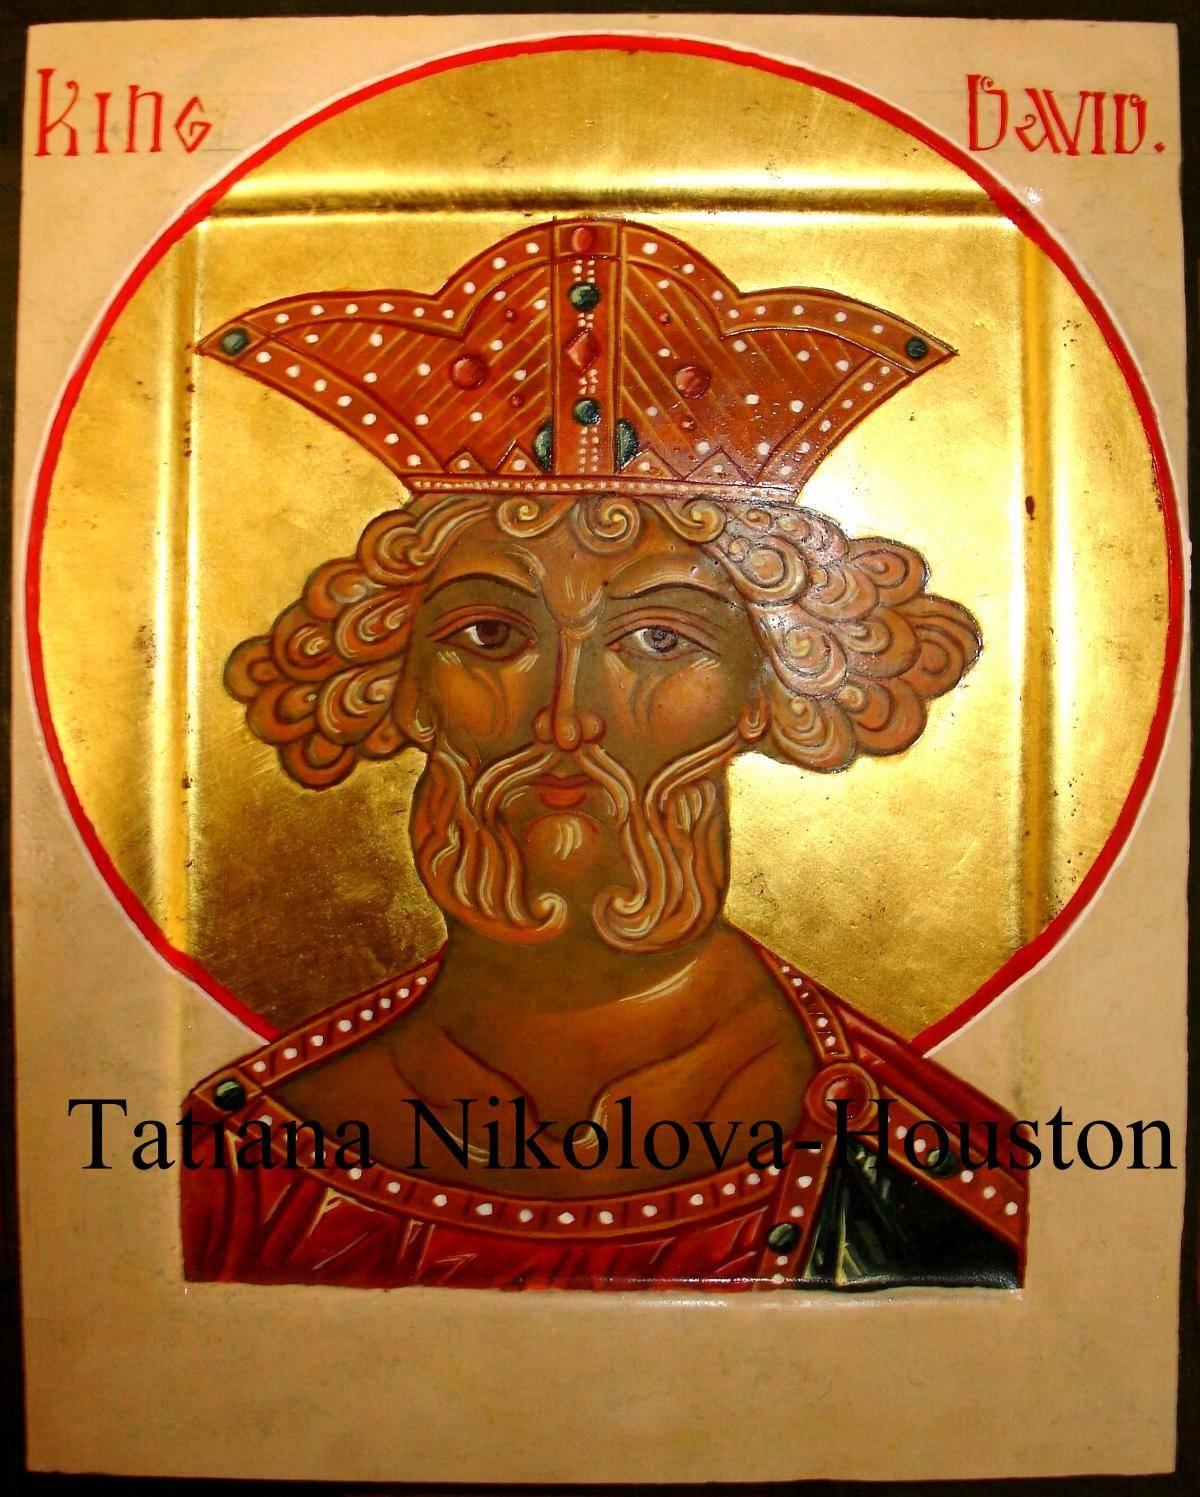 St. King David